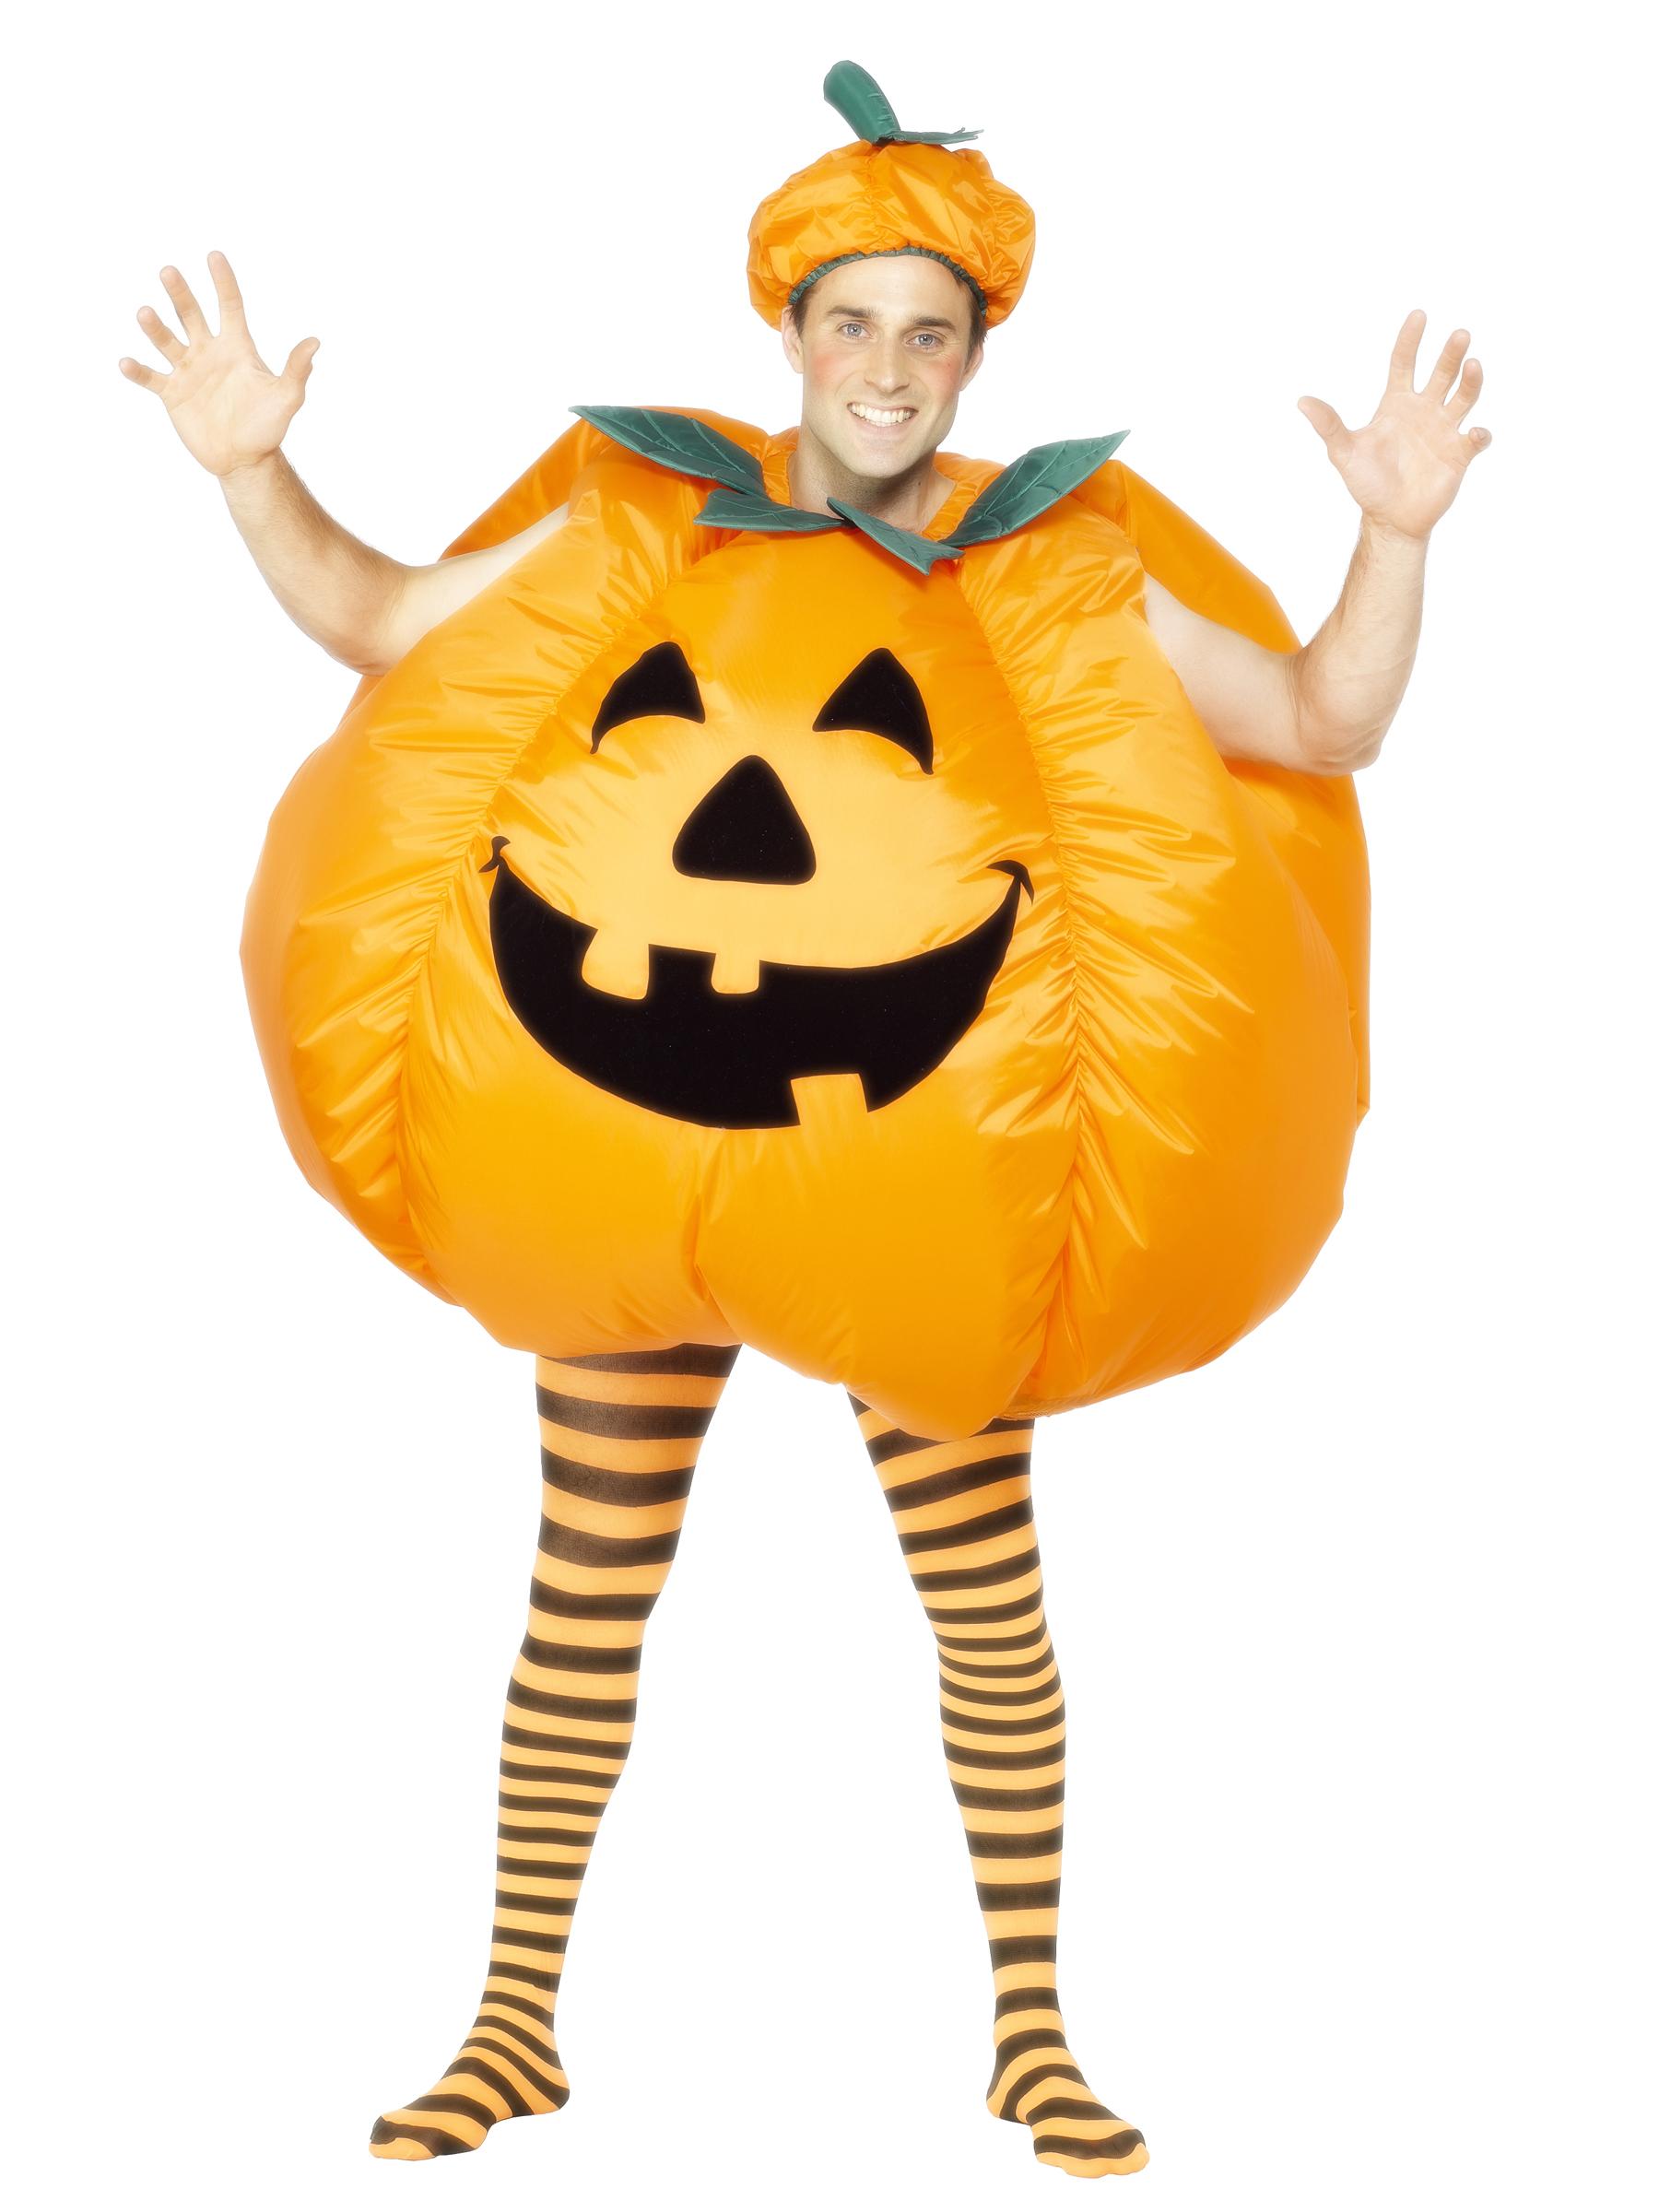 aufblasbarer k rbis halloween kost m orange gr n g nstige faschings kost me bei karneval megastore. Black Bedroom Furniture Sets. Home Design Ideas